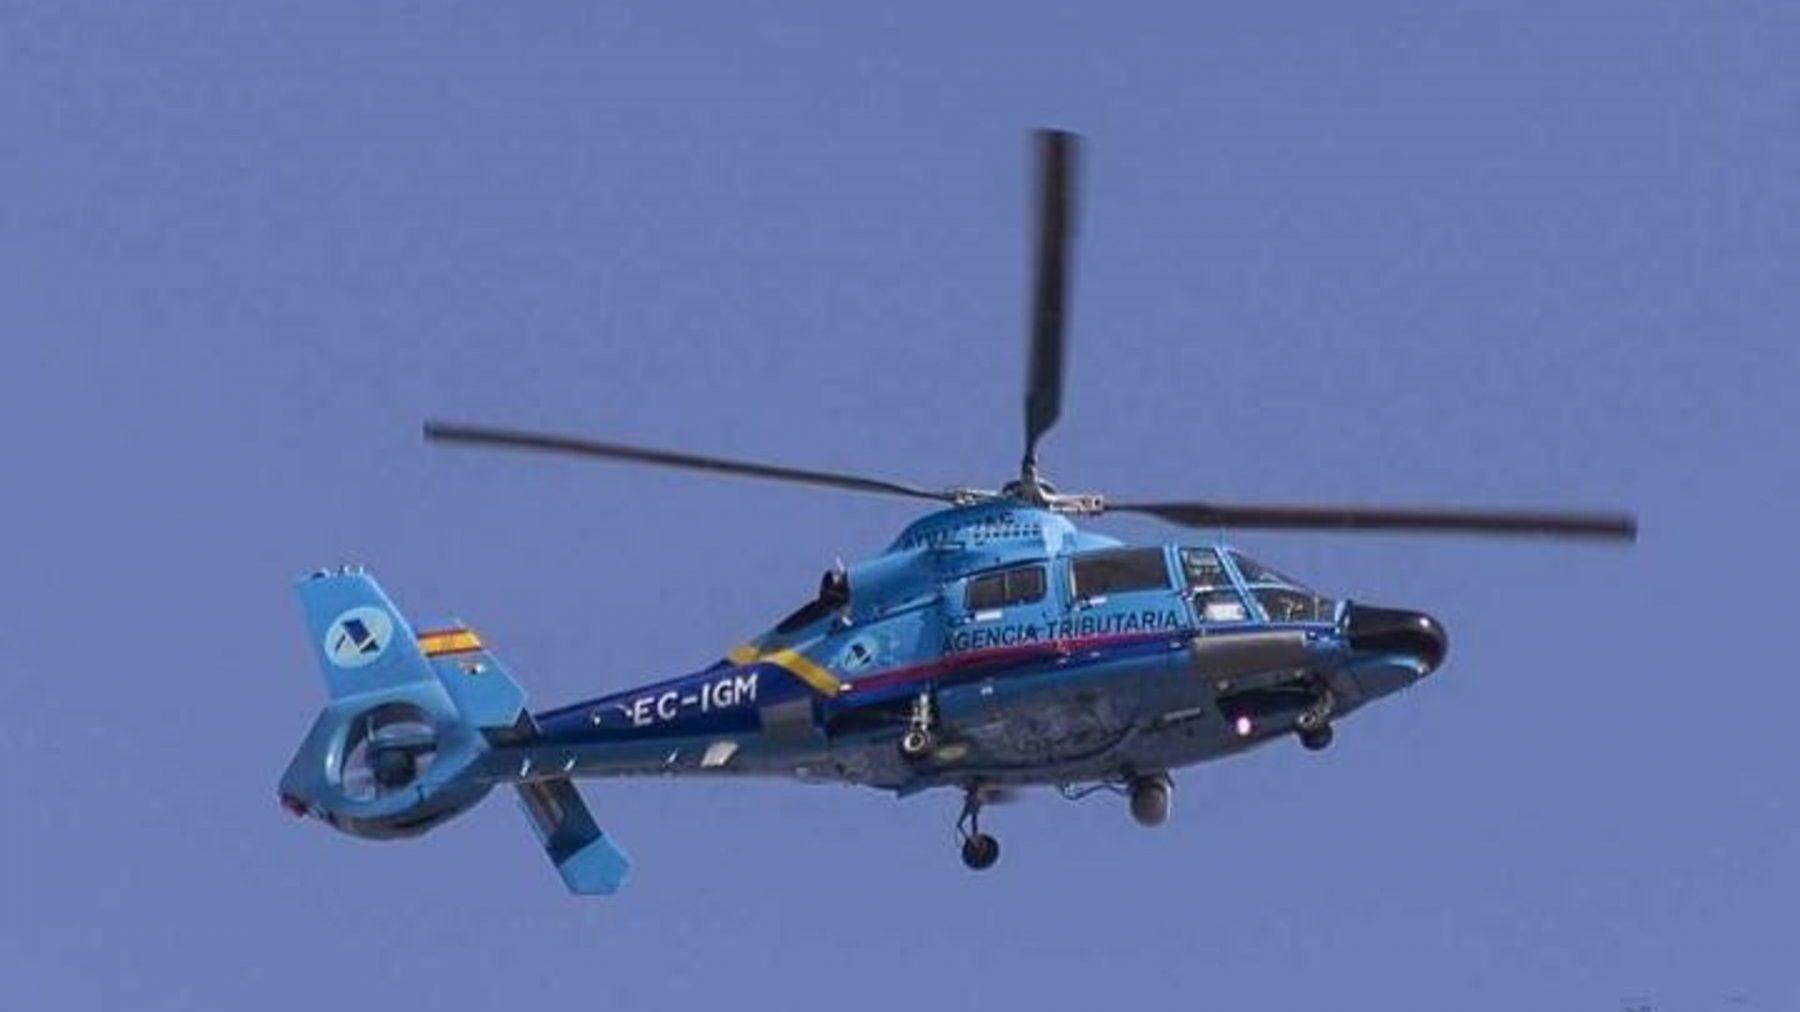 Helicóptero de Aduanas / vigilancia aduanera (ADUANAS).